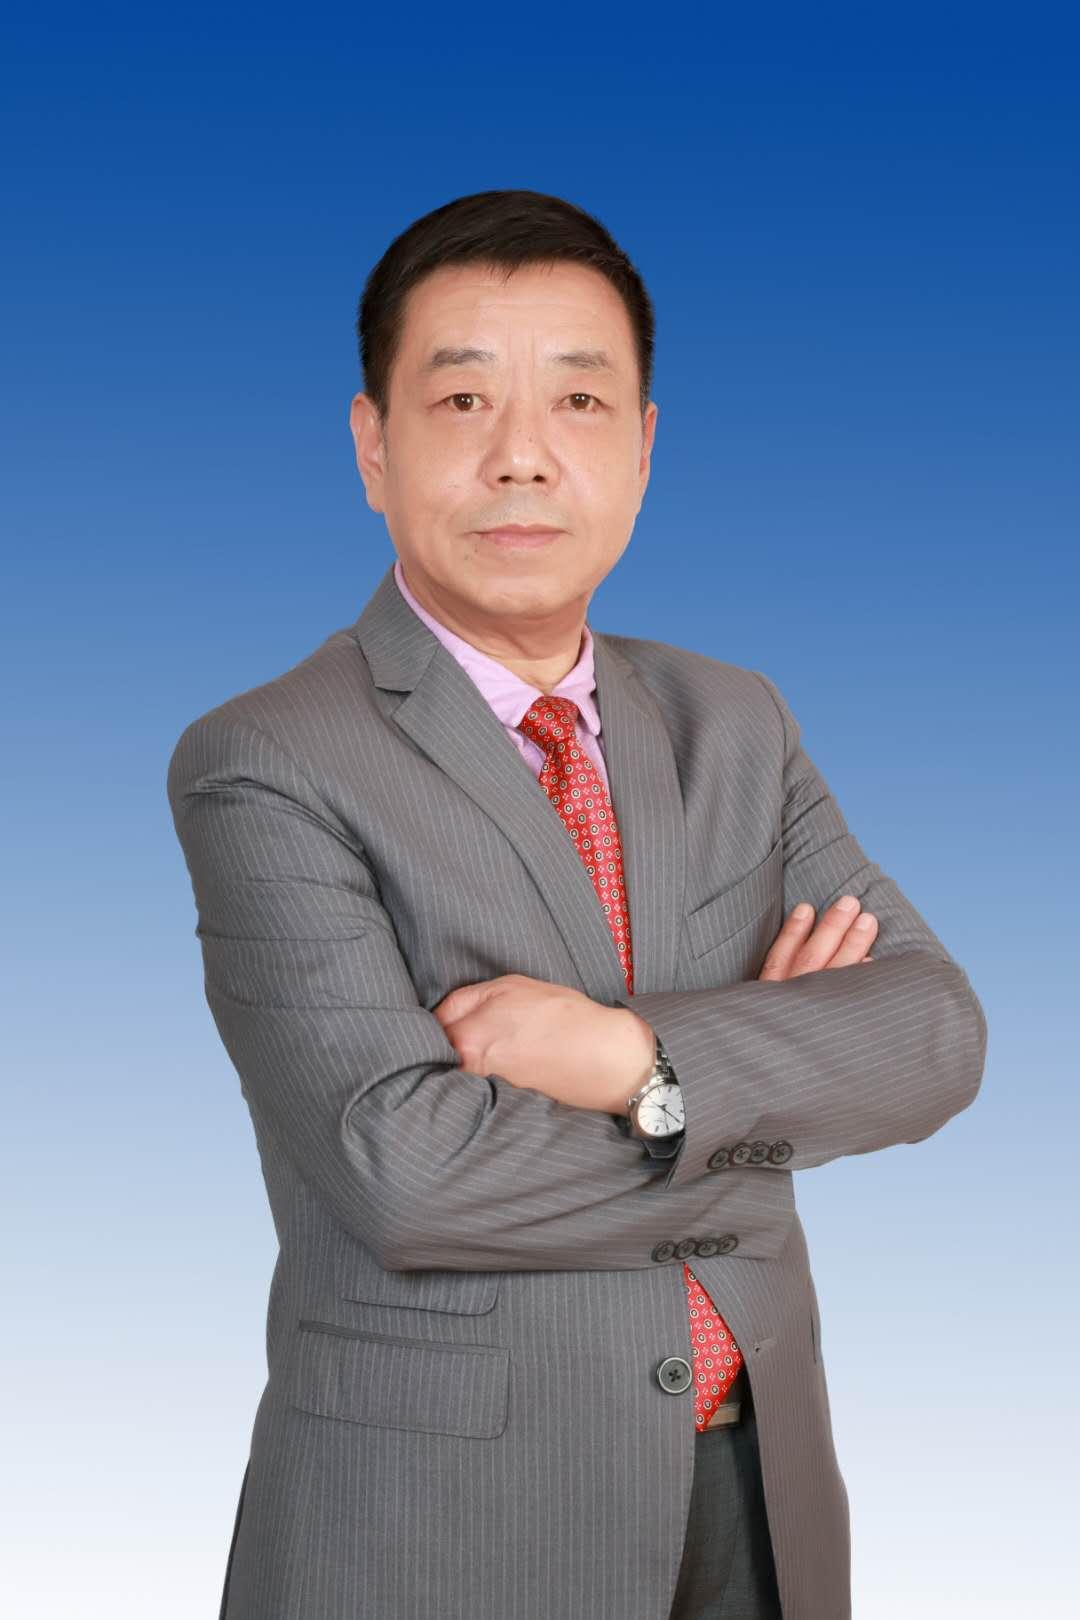 官方诉讼哪家好 欢迎来电「上海智坚律师事务所供应」